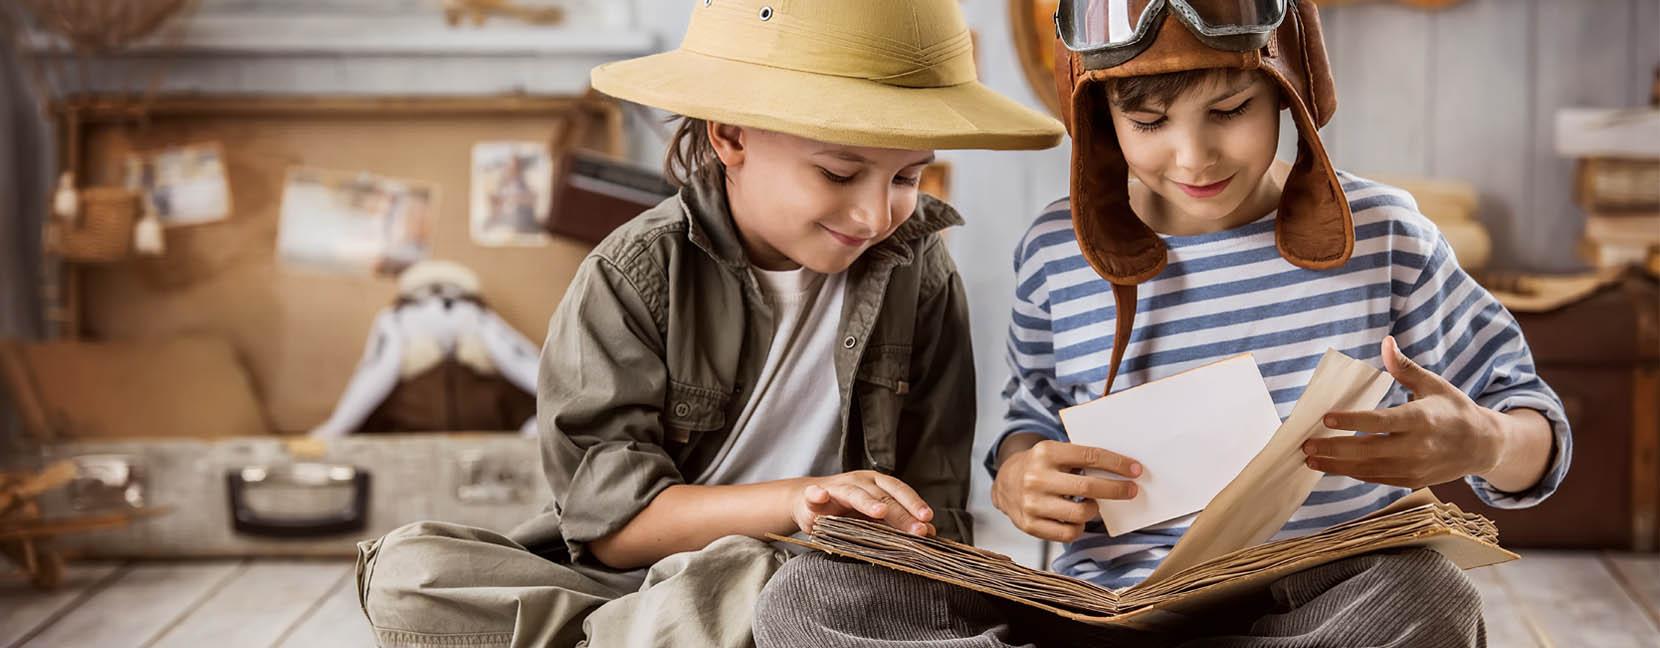 Bambini travestiti da esploratori che guardano un libro antico